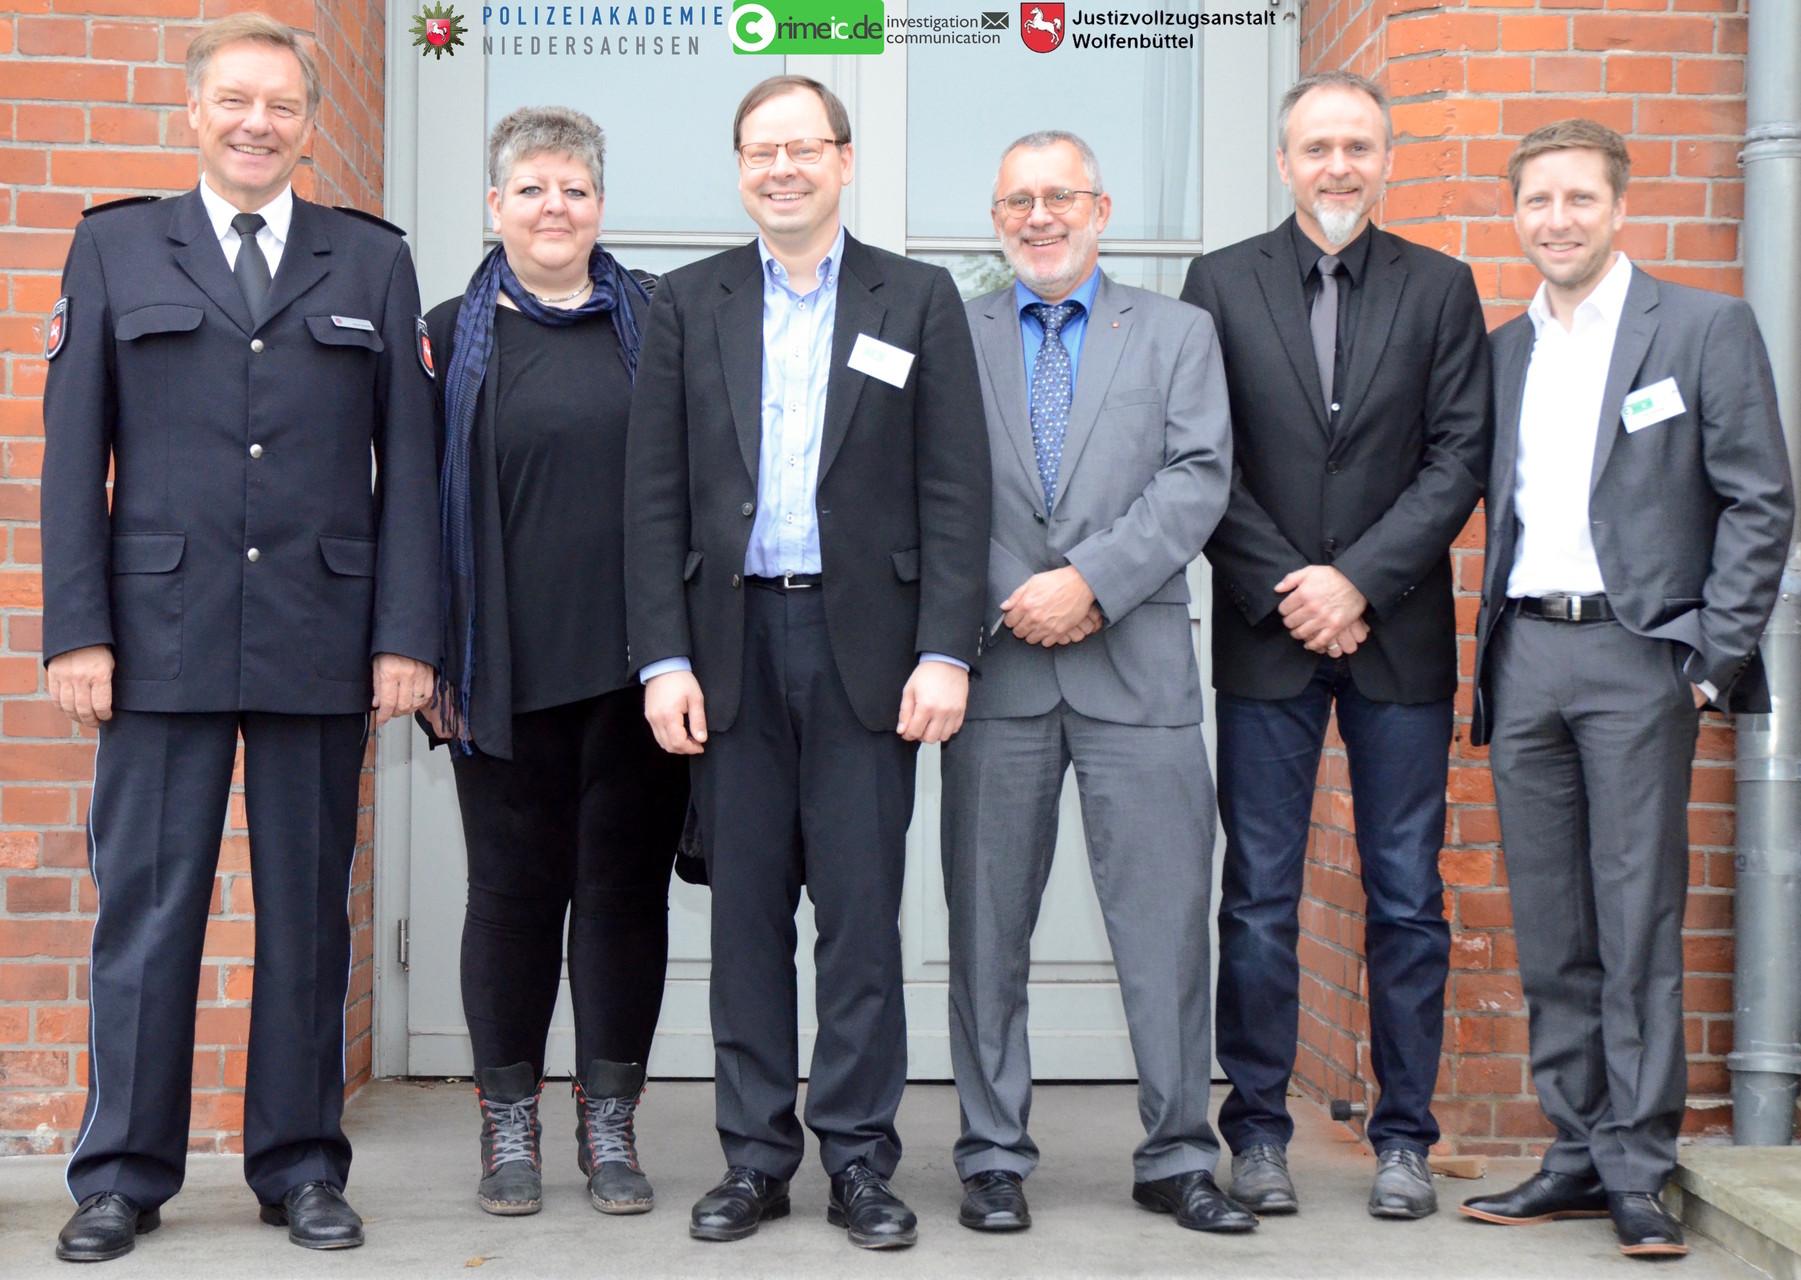 Die Kooperationspartner von crimeic (von links nach rechts): Dieter Buskohl, Daniela Klimke, Peter Lutz Kalmbach, Dieter Münzebrock, Horst Peltzer & Tim Krenzel. (Bildquelle: Nicole Barthel / Polizeiakademie Niedersachsen)